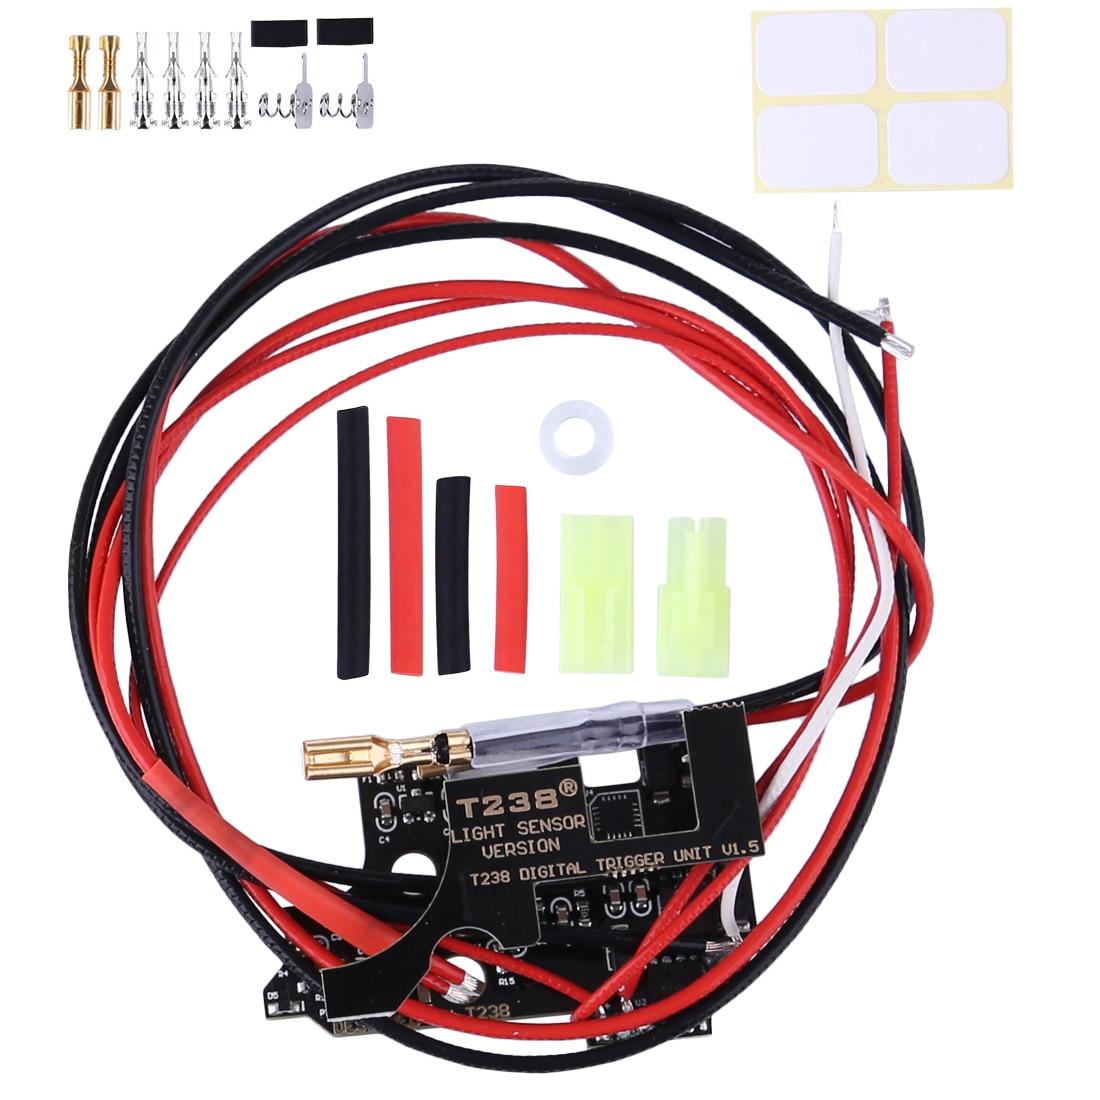 modulo-electronico-de-control-de-fuego-programable-caja-de-cambios-17-t238-para-xwe-m4-jm-gen9-fb-kublai-jingji-jq-no2